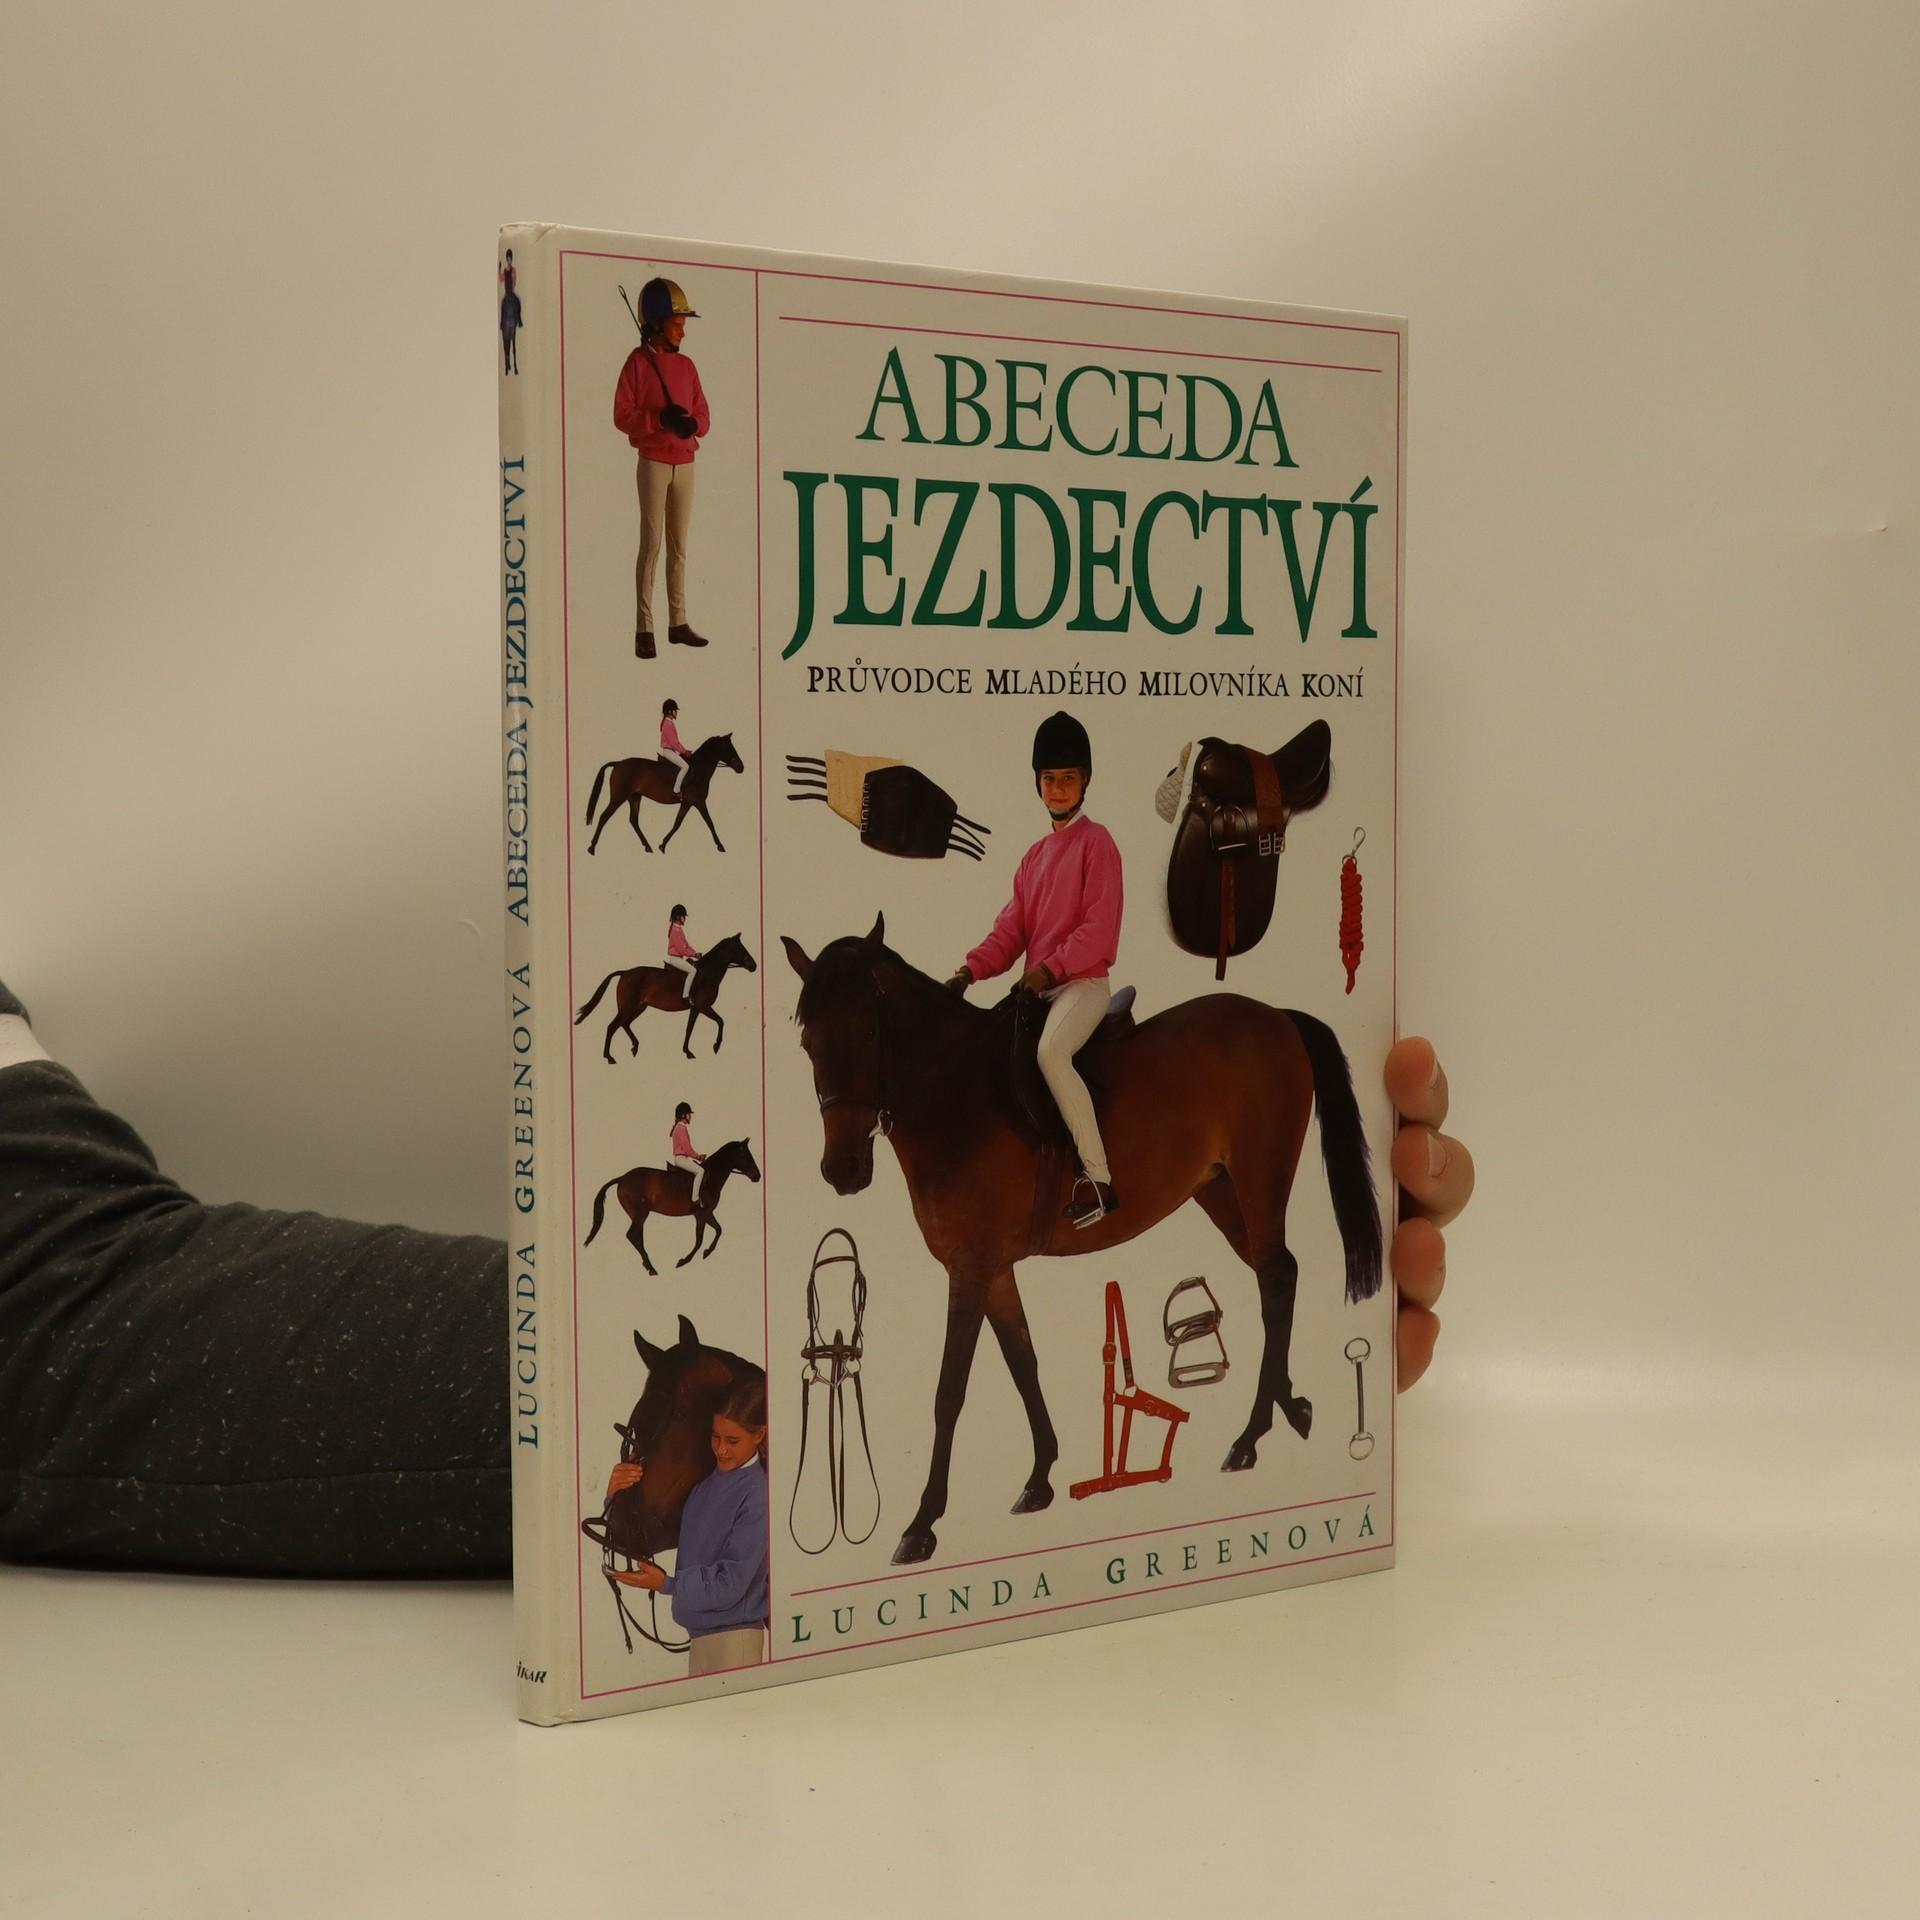 antikvární kniha Abeceda jezdectví : průvodce mladého milovníka koní, 1995